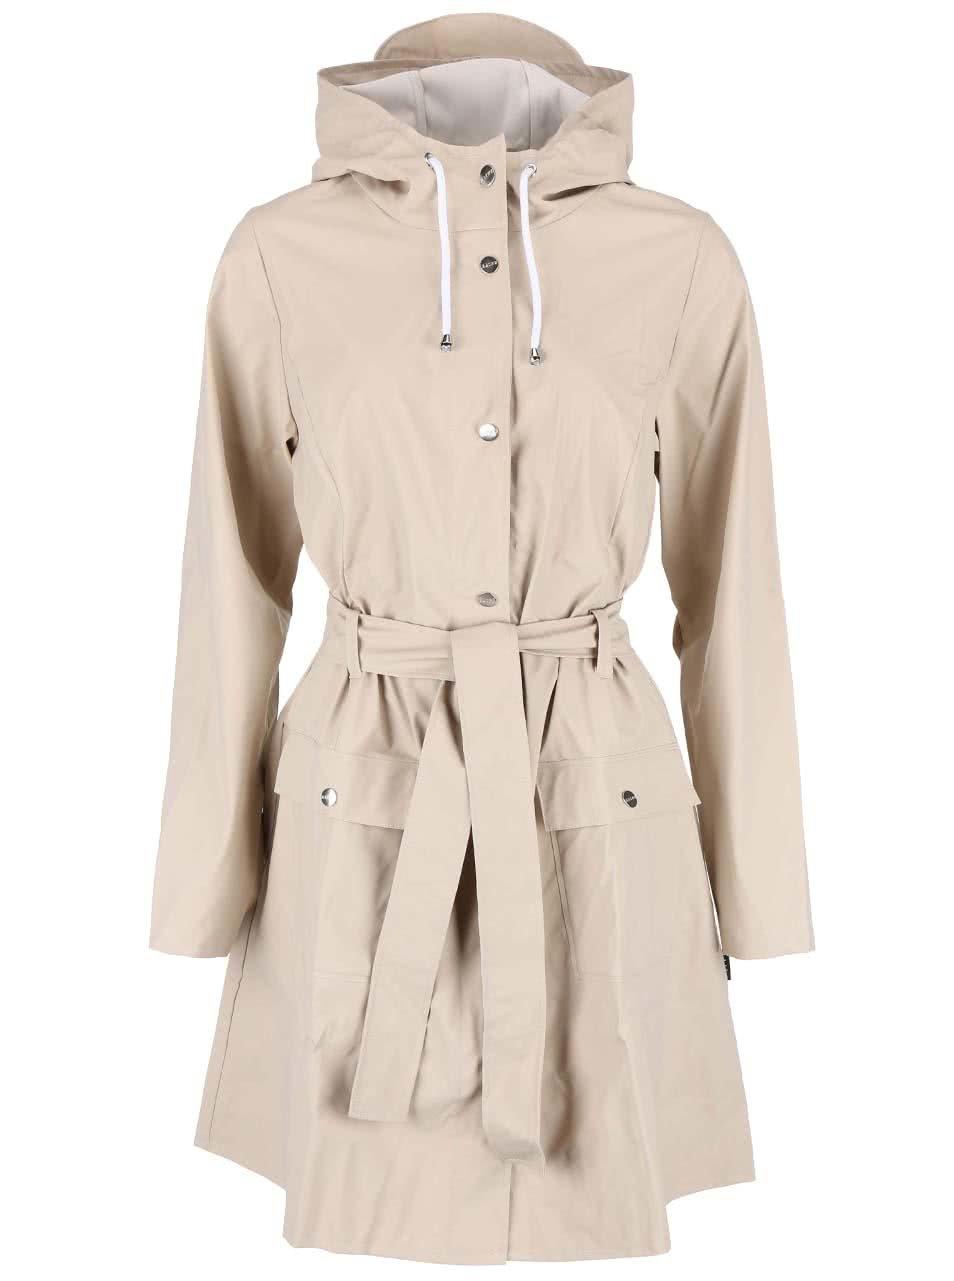 b244a8a5ef0 Béžový dámský nepromokavý kabát RAINS ...